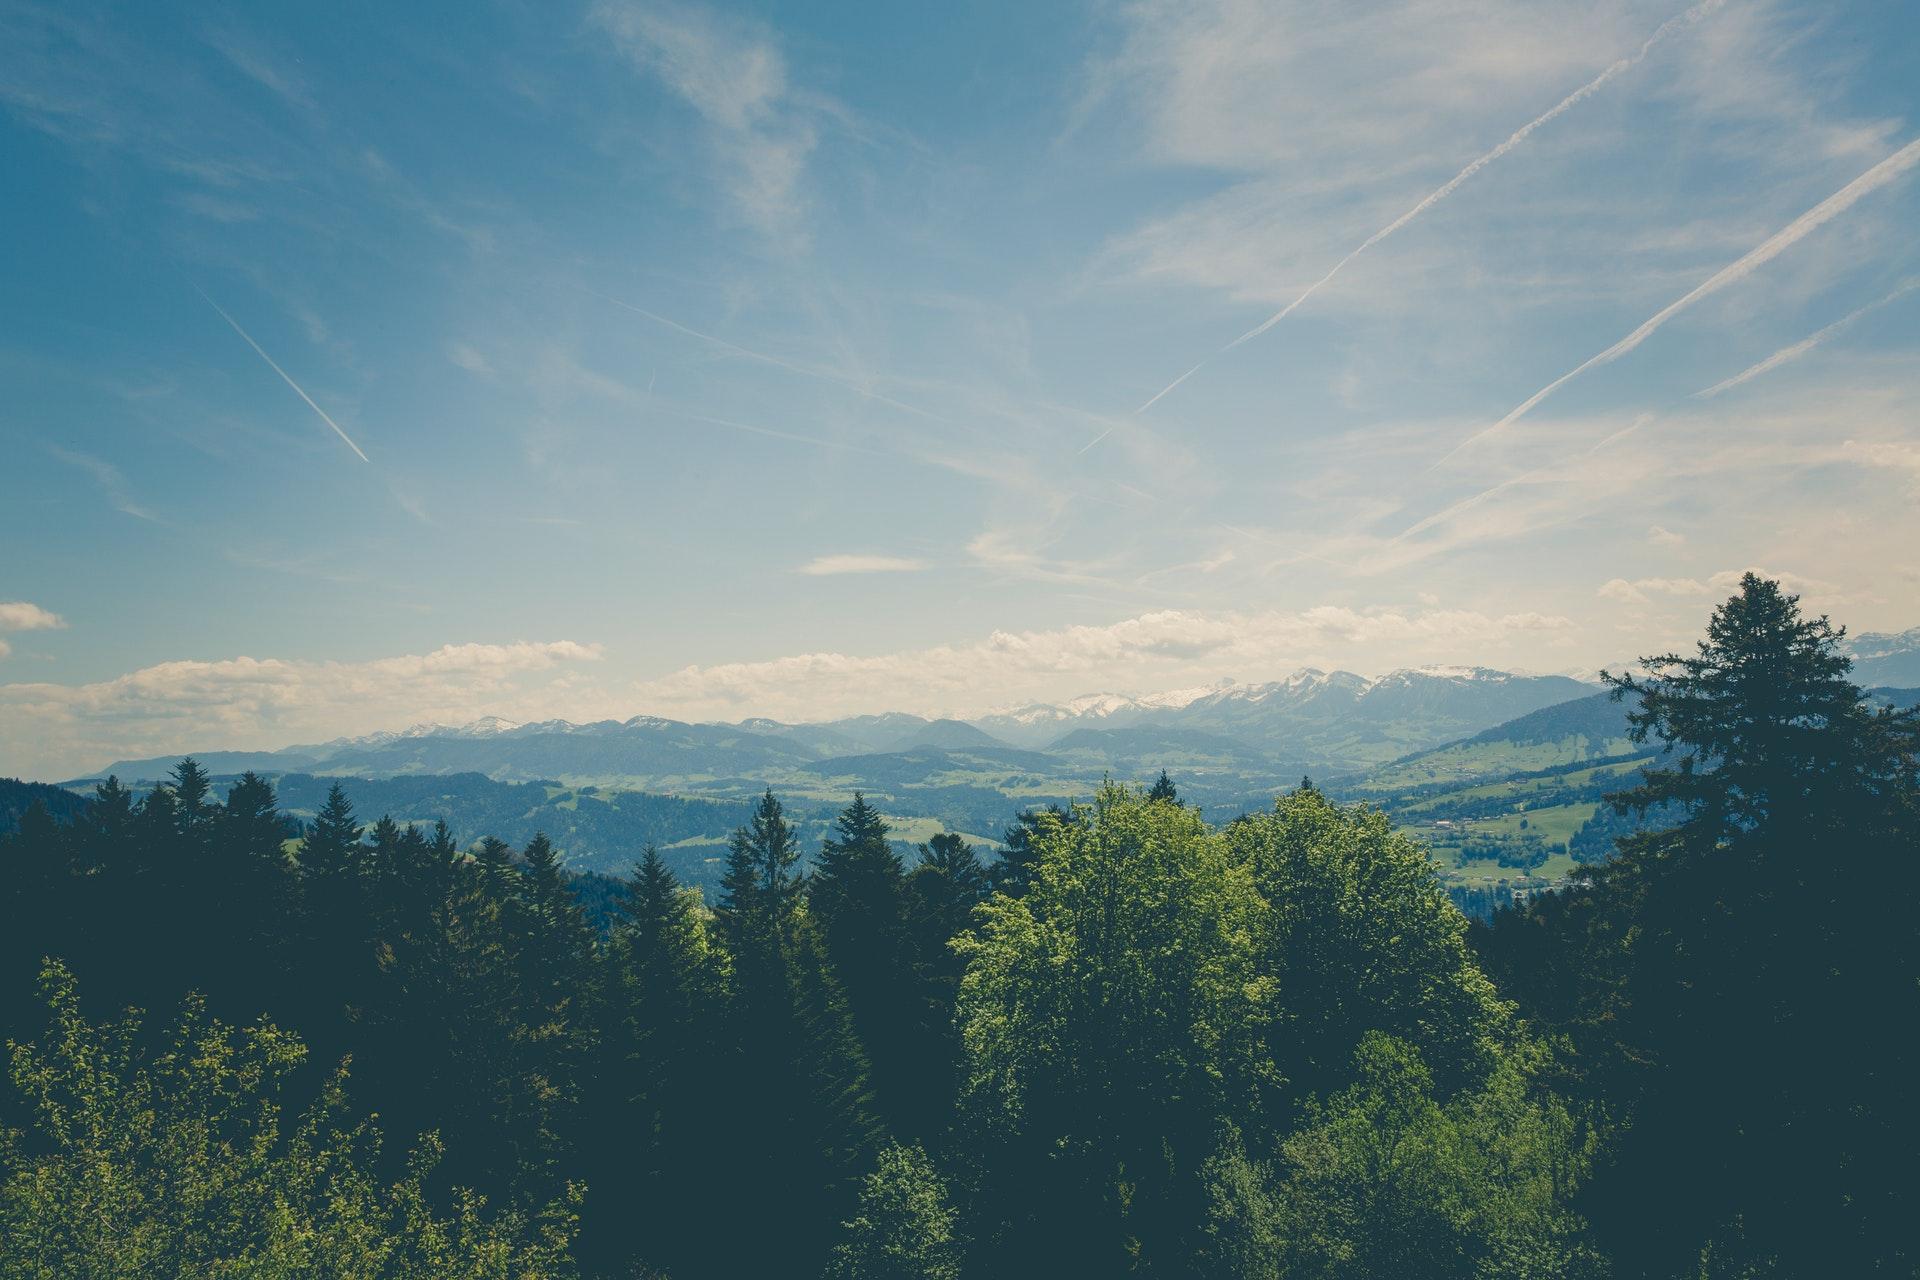 forest-hd-wallpaper-landscape-129105.jpg